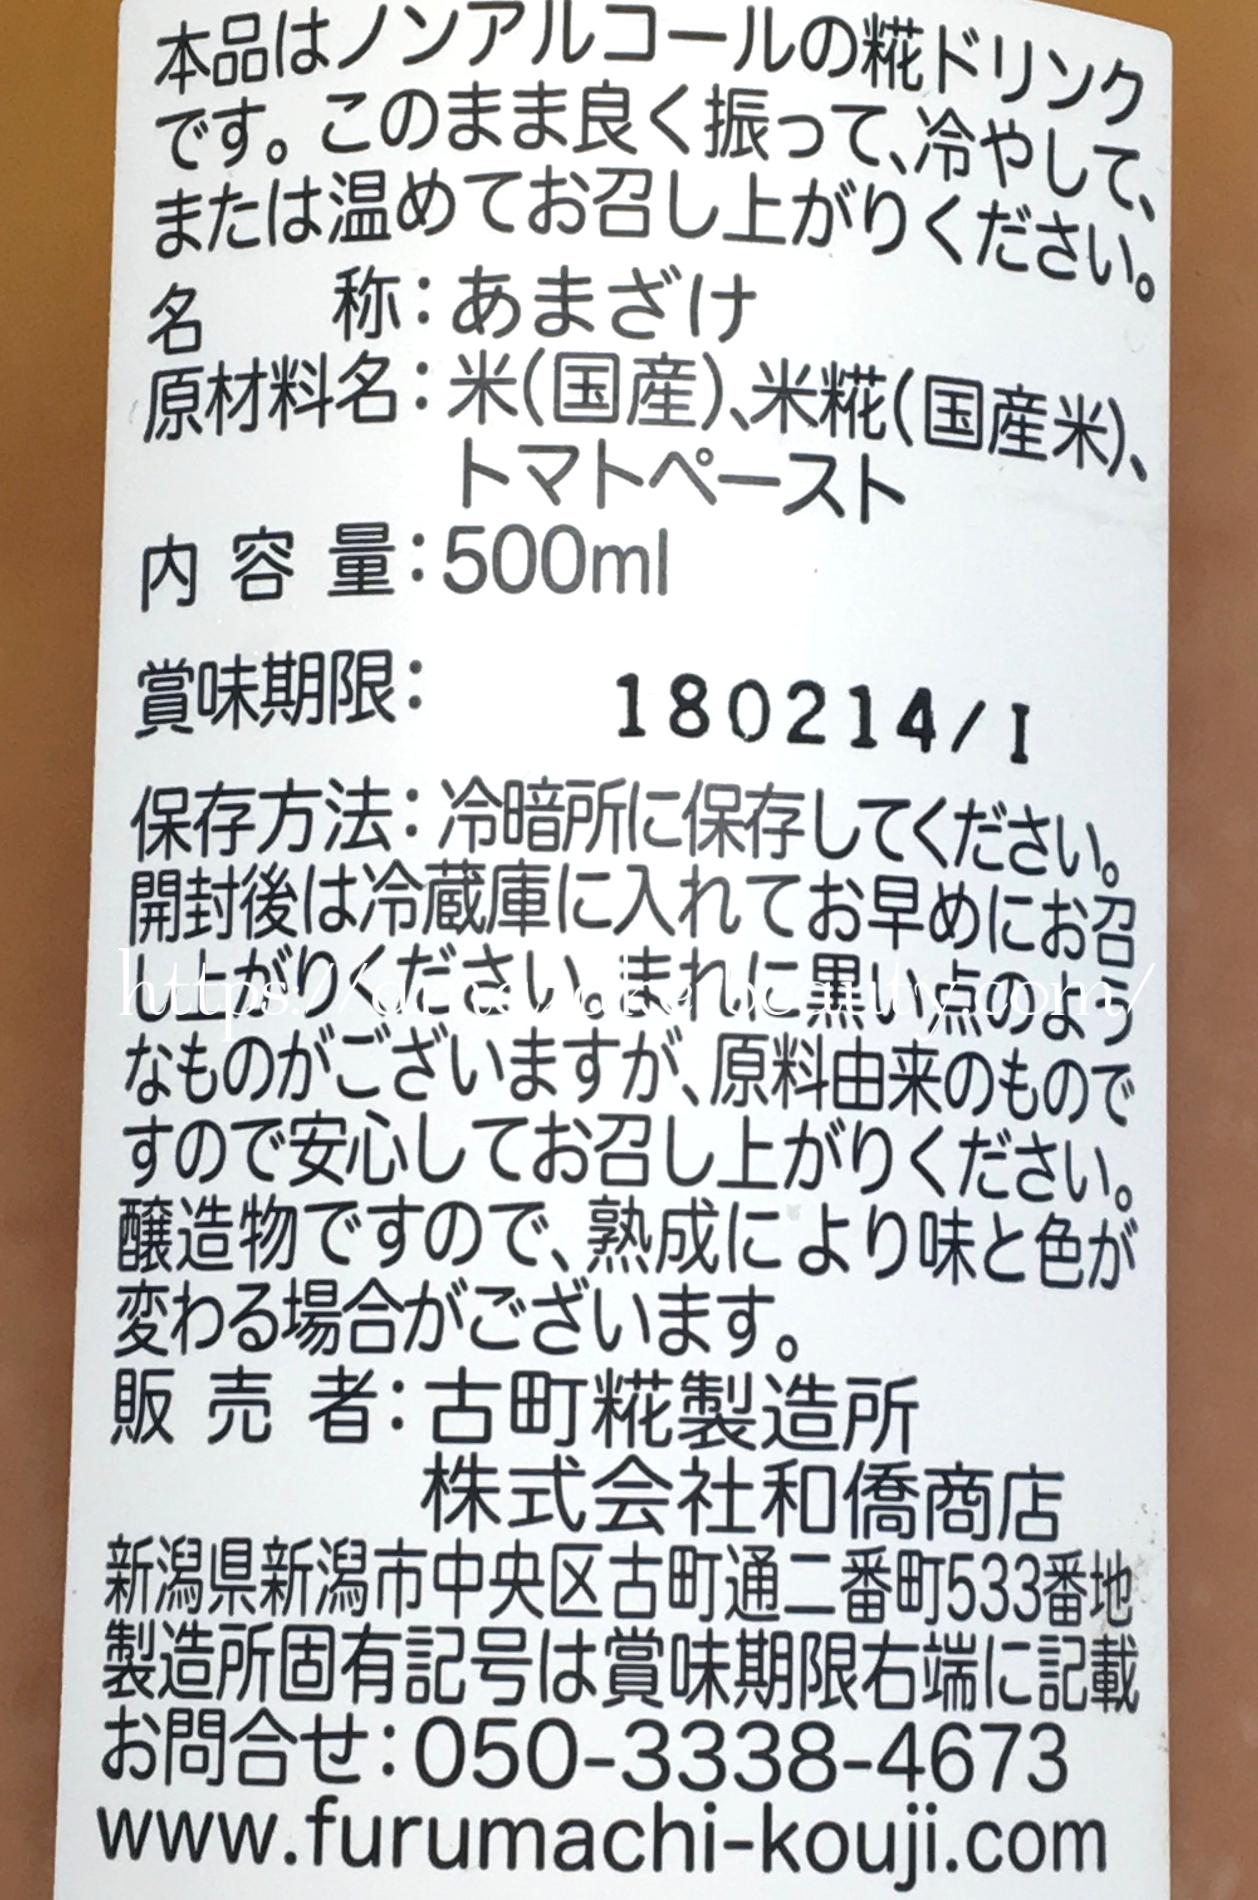 [amazake]furumachikojiseizosho[natsu kojii・tomato](product description)